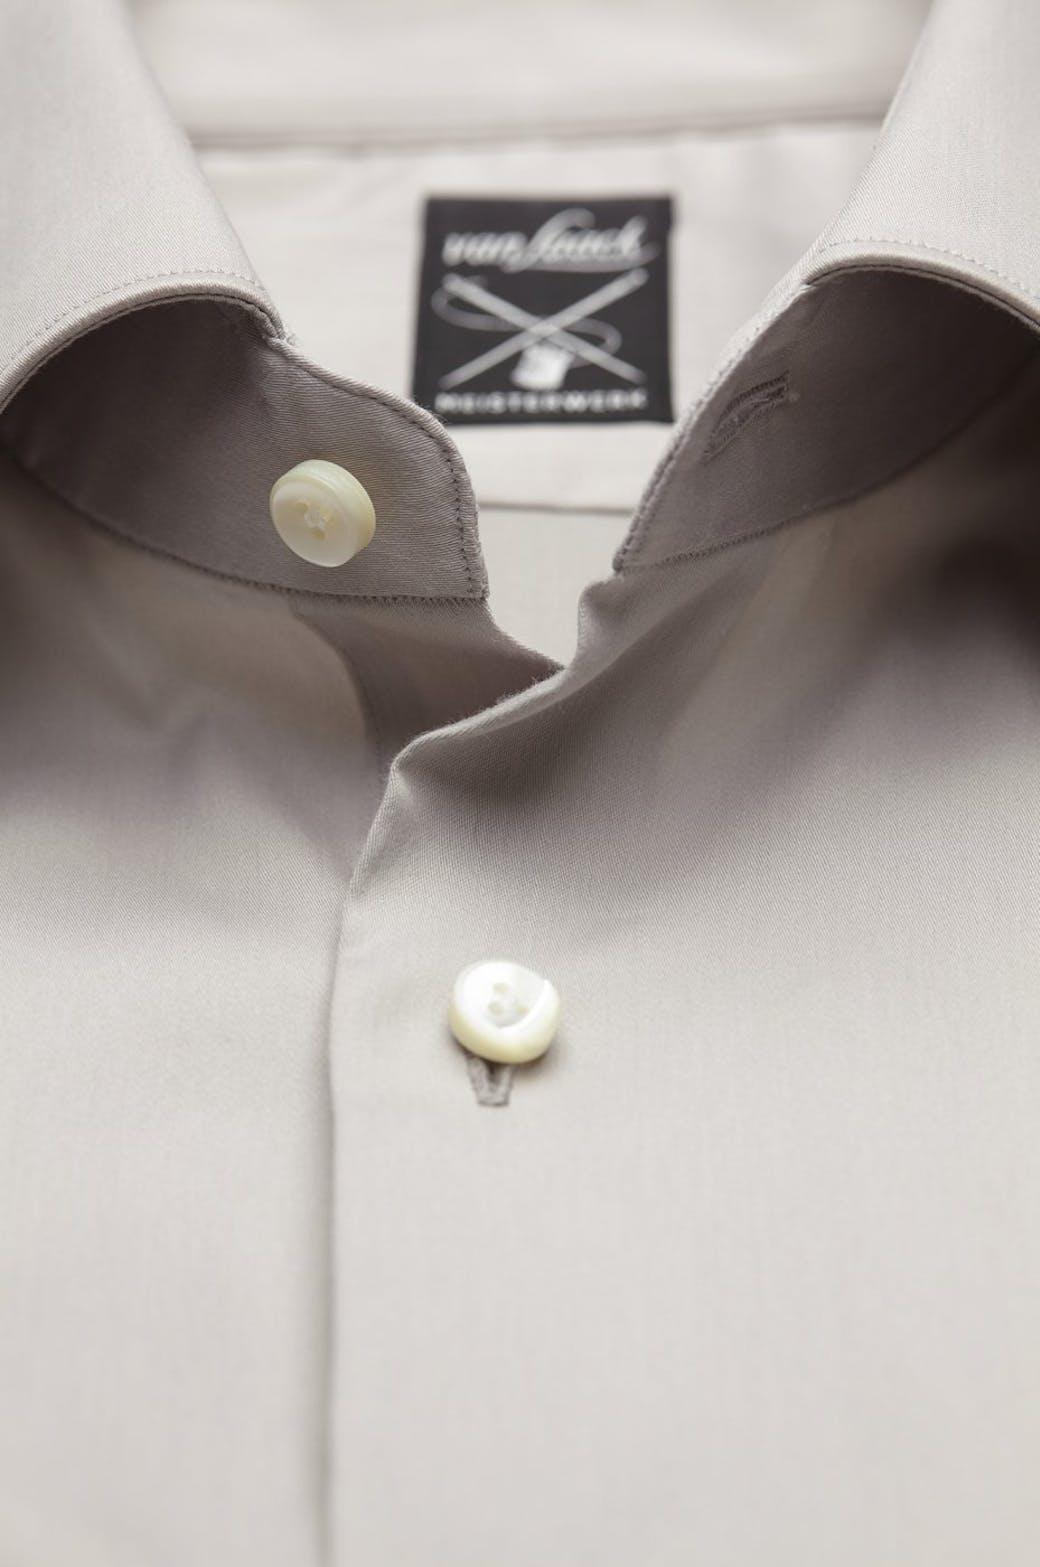 Hemdkragen reinigen und Schweiß bzw. Dreck entfernen